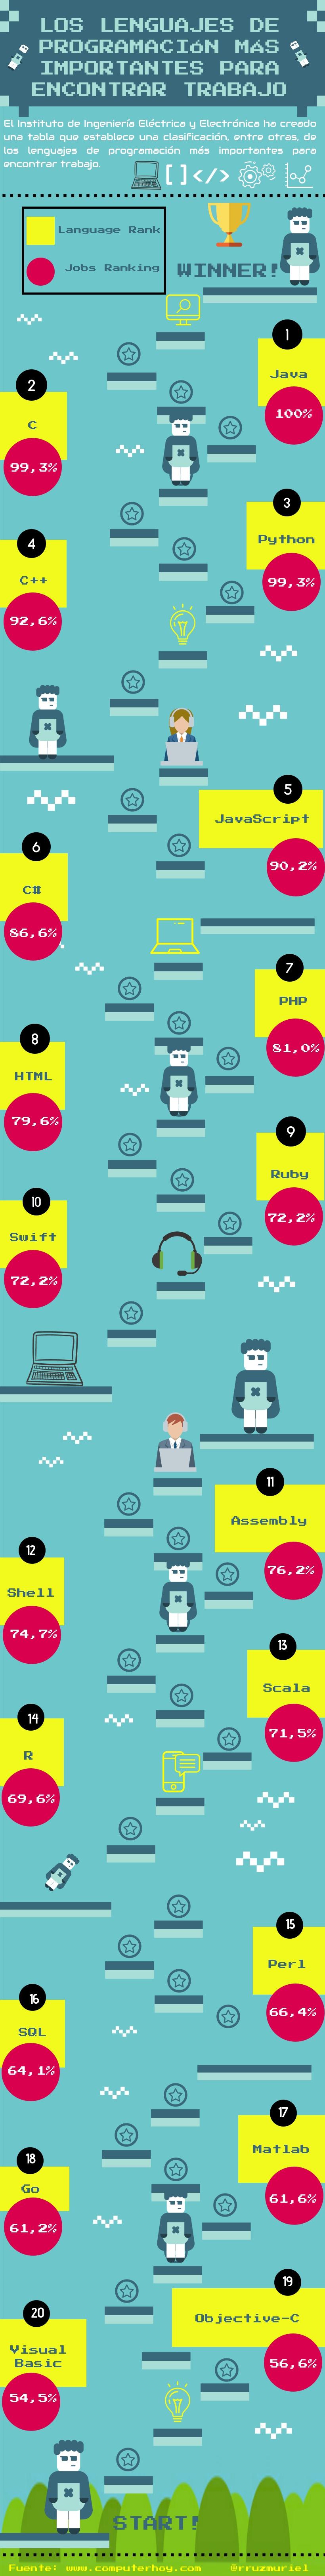 Los lenguajes de programación más importantes para encontrar trabajo #infografia #empleo